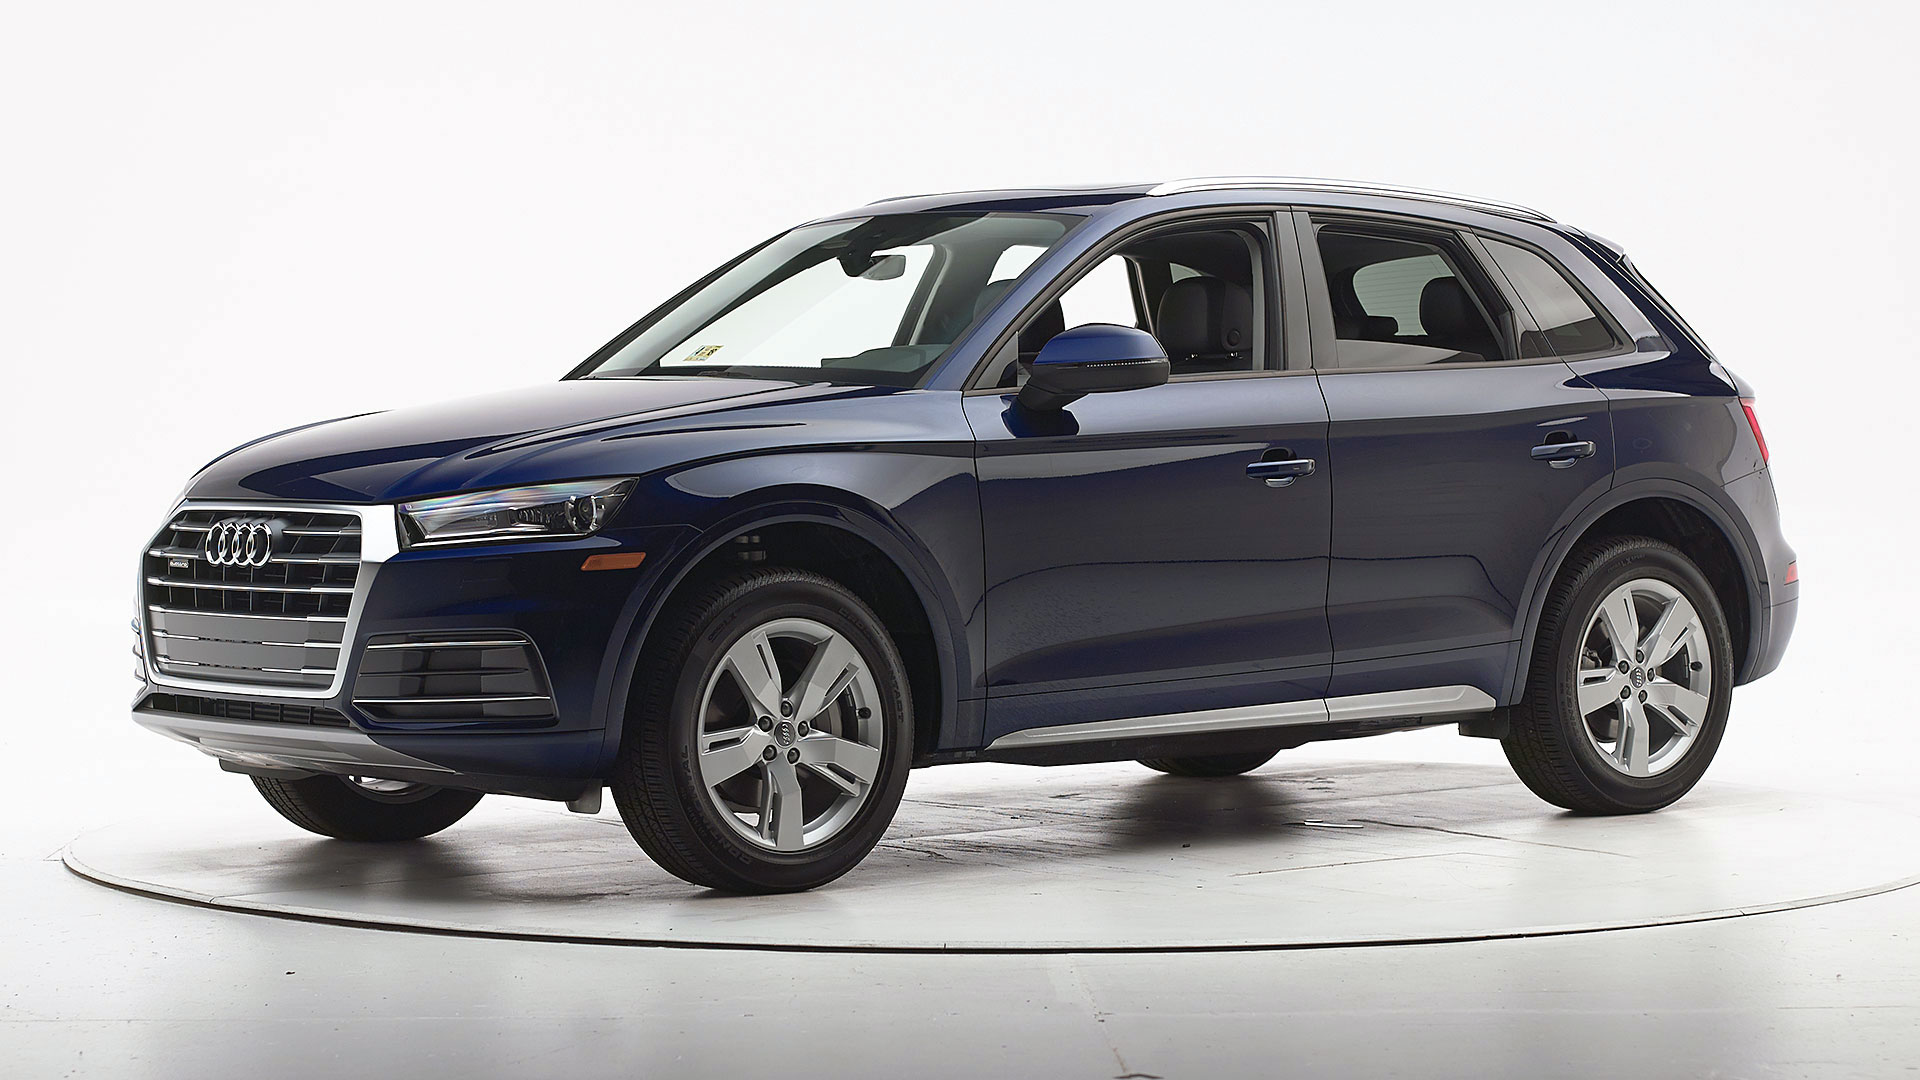 Kelebihan Kekurangan Audi Q5 2019 Tangguh